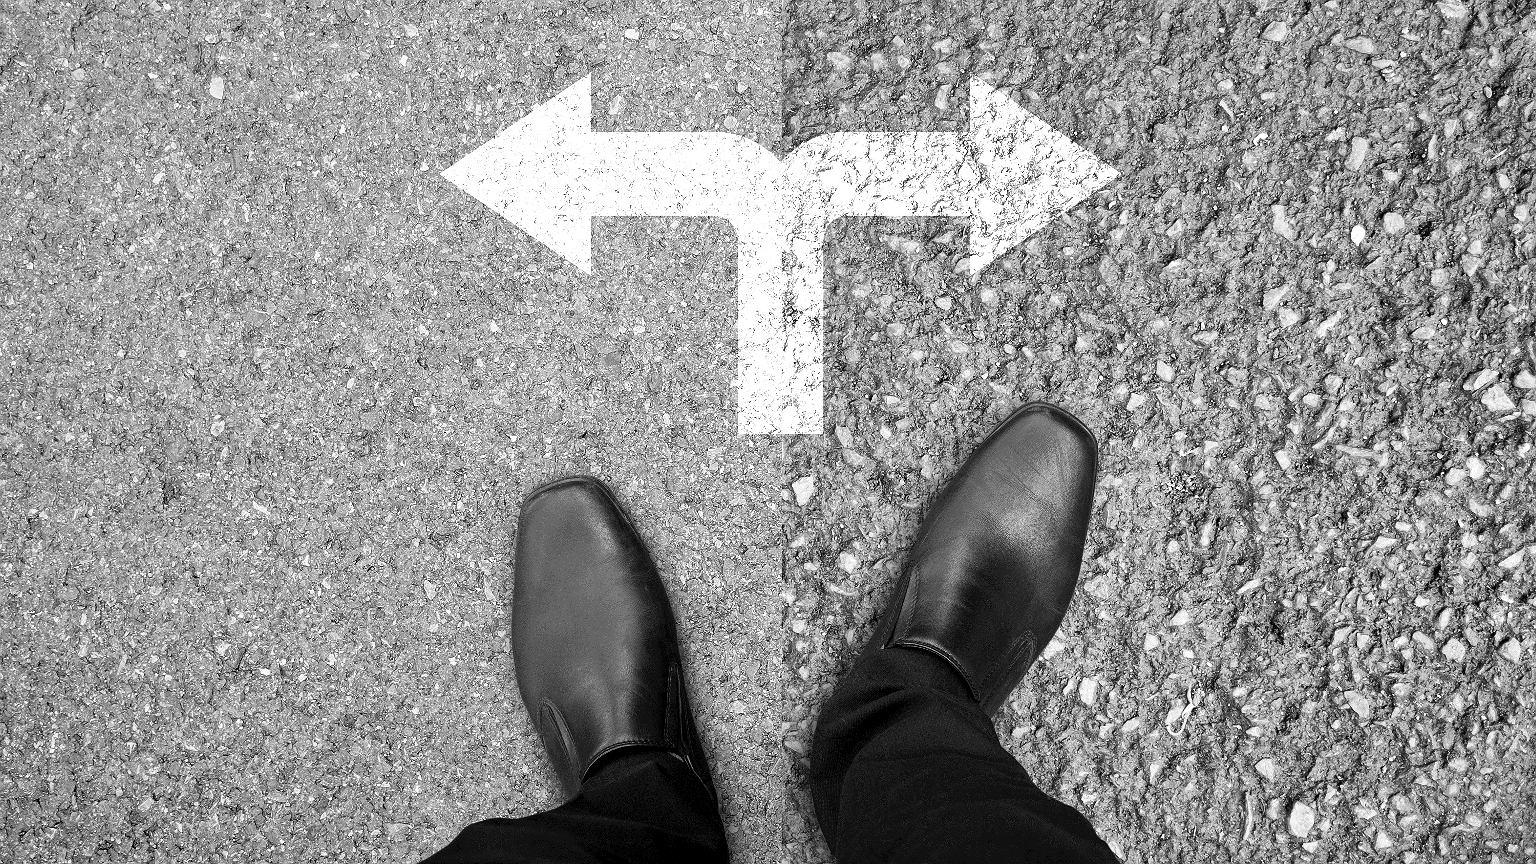 Wpływu losowości na skutki podejmowanych decyzji nie da się wyeliminować